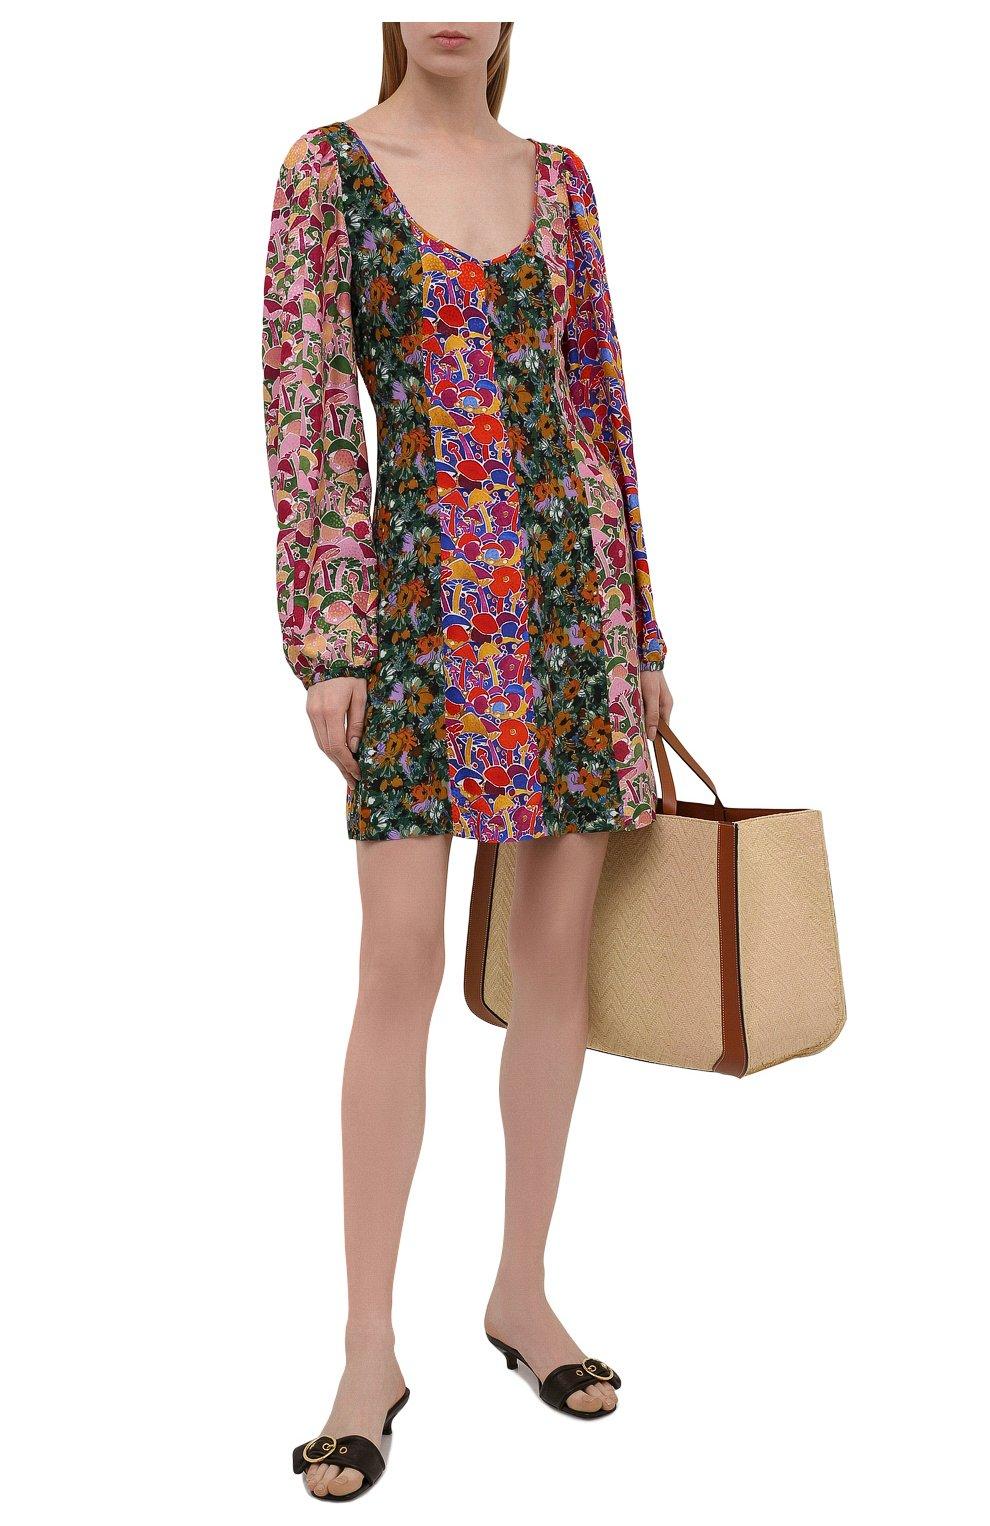 Женское платье из вискозы M MISSONI разноцветного цвета, арт. 2DG00550/2W0077 | Фото 2 (Рукава: Длинные; Длина Ж (юбки, платья, шорты): Мини; Случай: Повседневный; Материал внешний: Вискоза; Стили: Бохо; Женское Кросс-КТ: Платье-одежда)